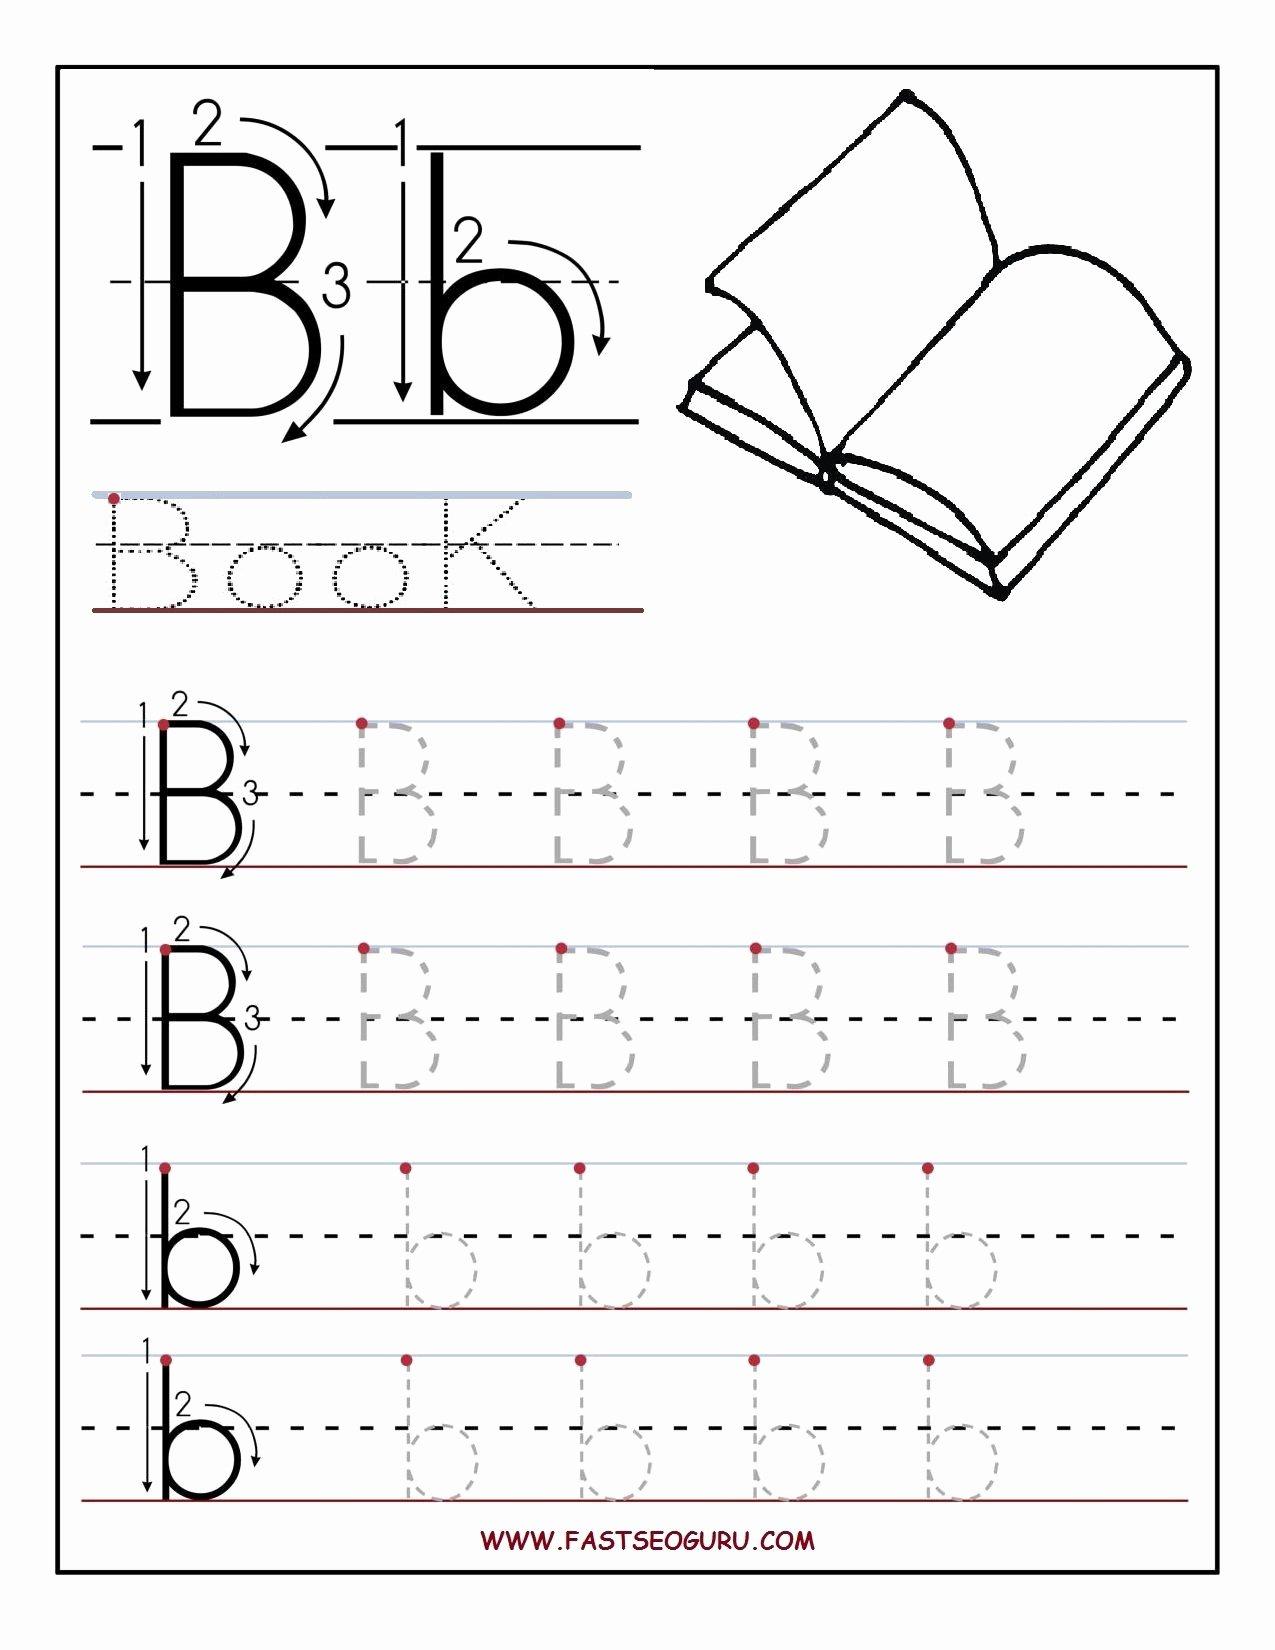 B Worksheets for Preschoolers Ideas Printable Letter B Tracing Worksheets for Preschool